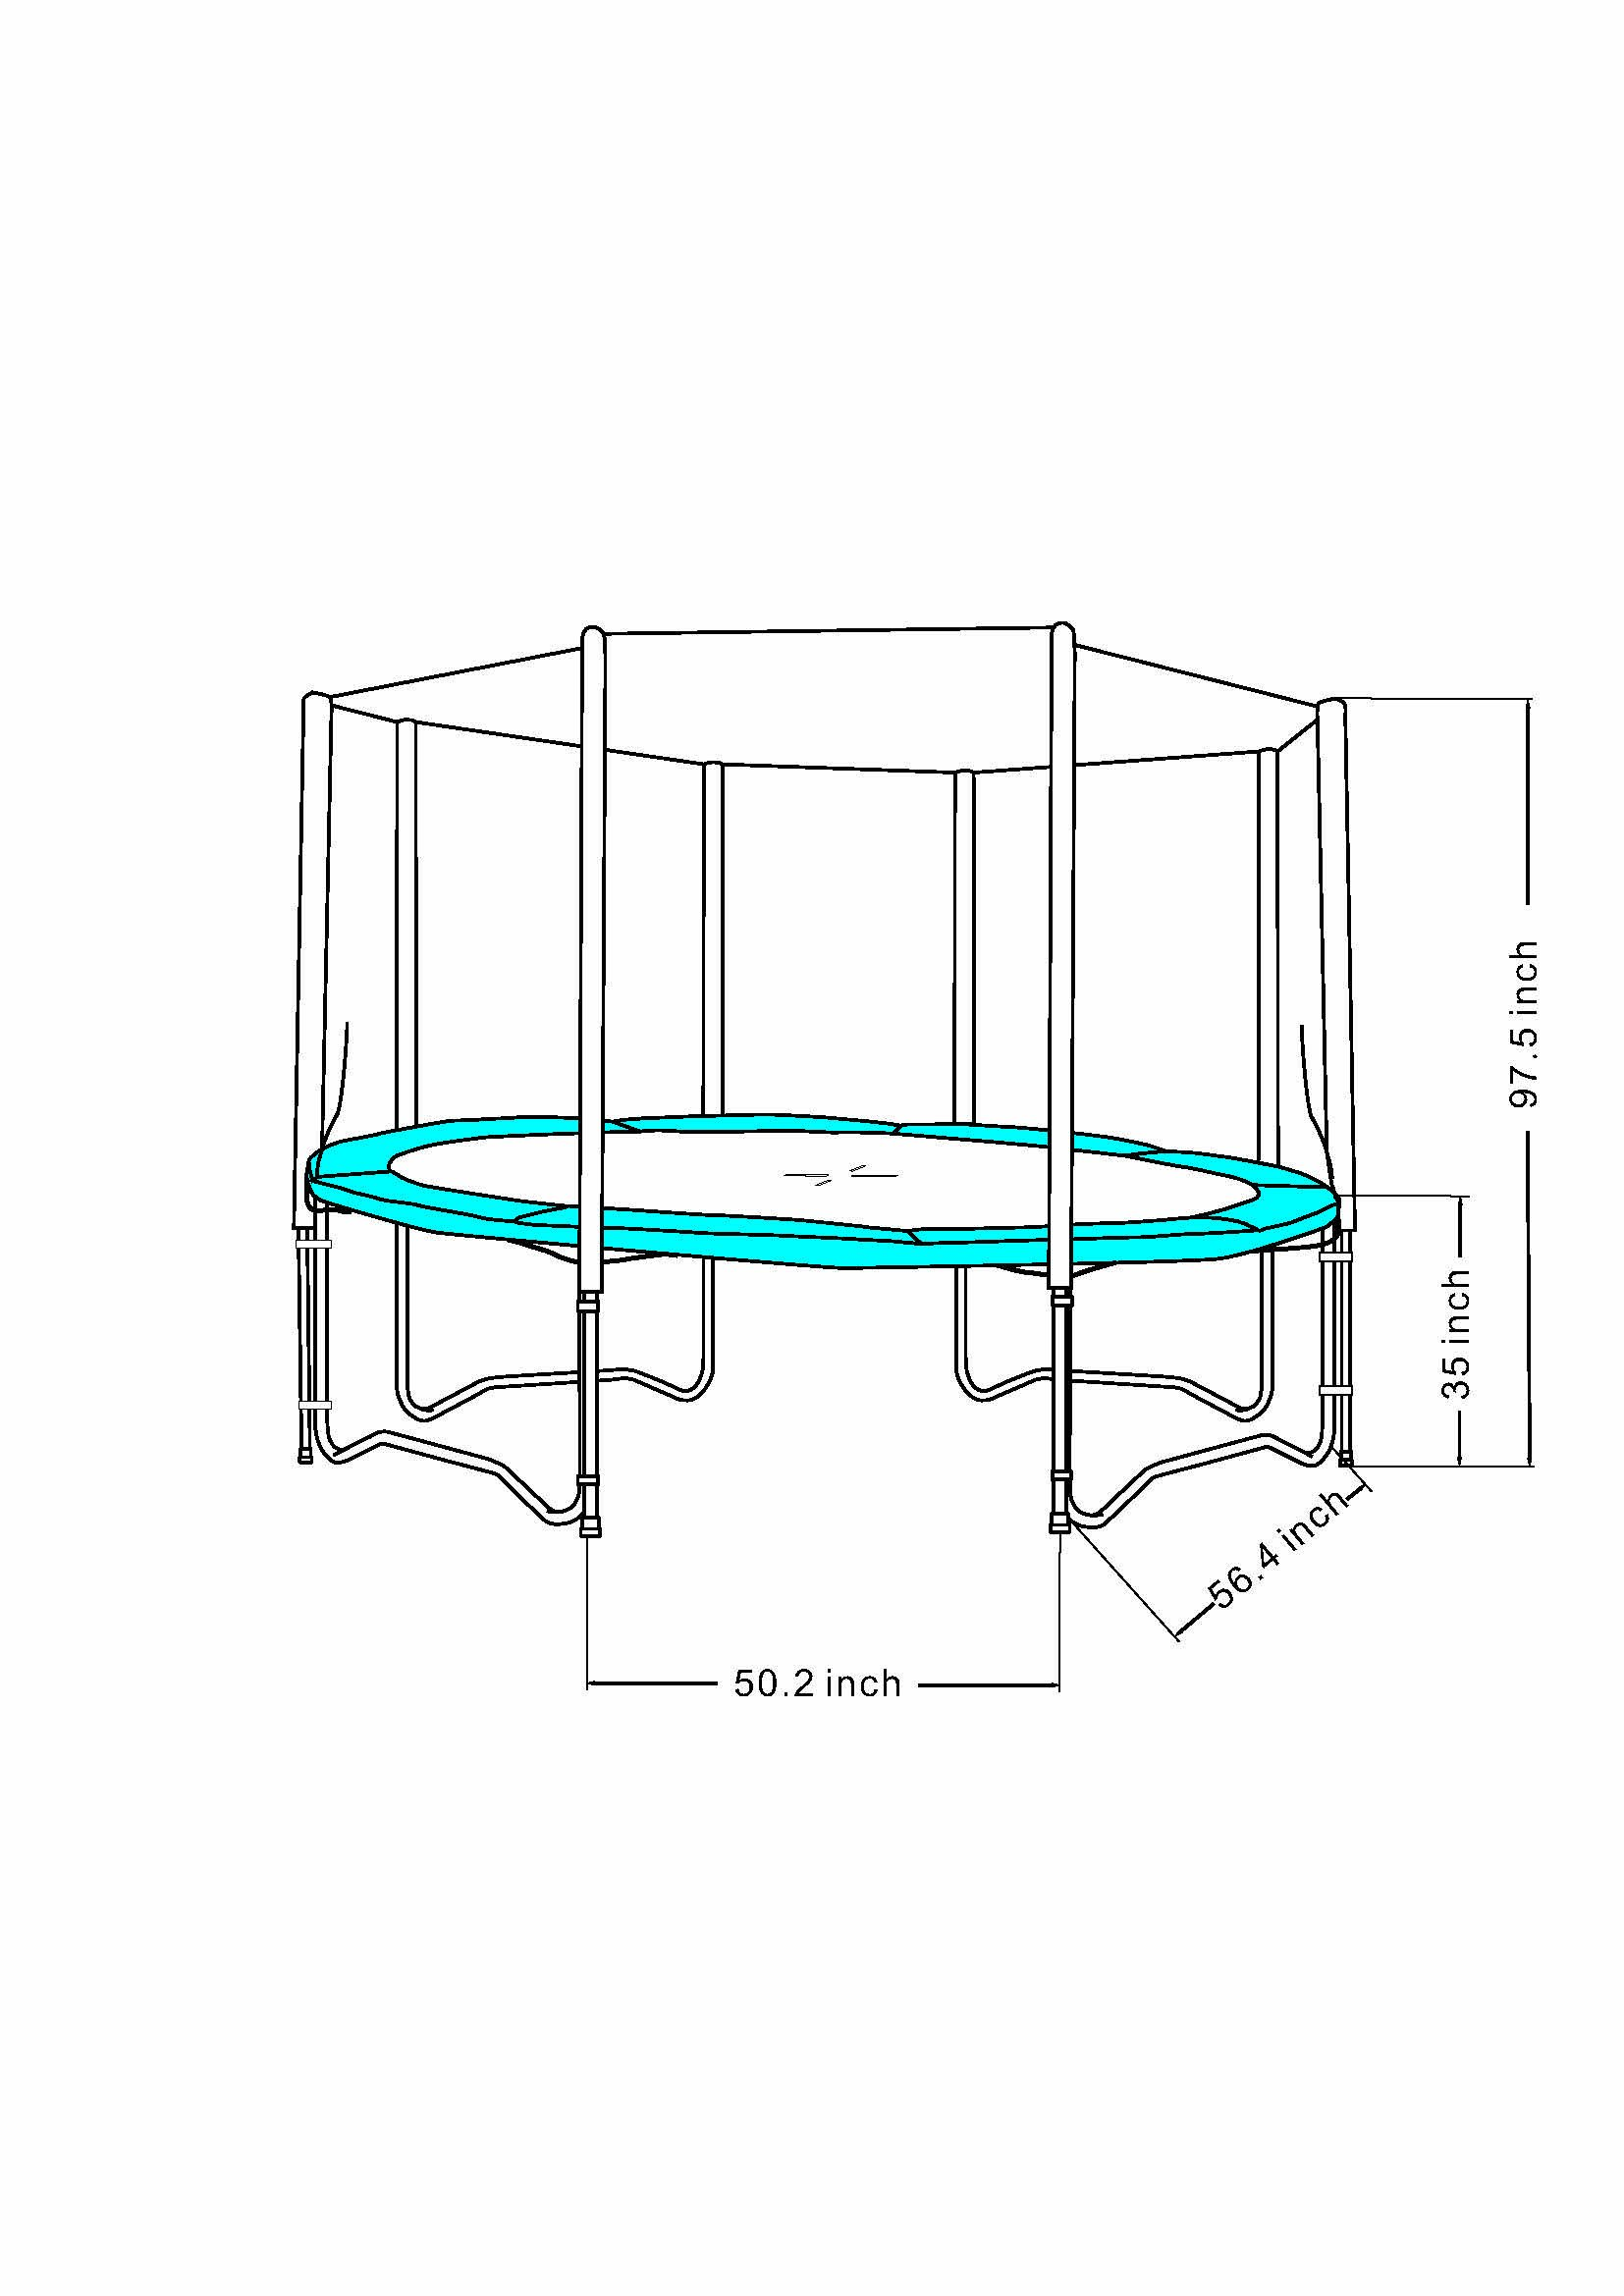 Super Jumper Enclosure for Trampoline, Black, 12-Feet by Super Jumper